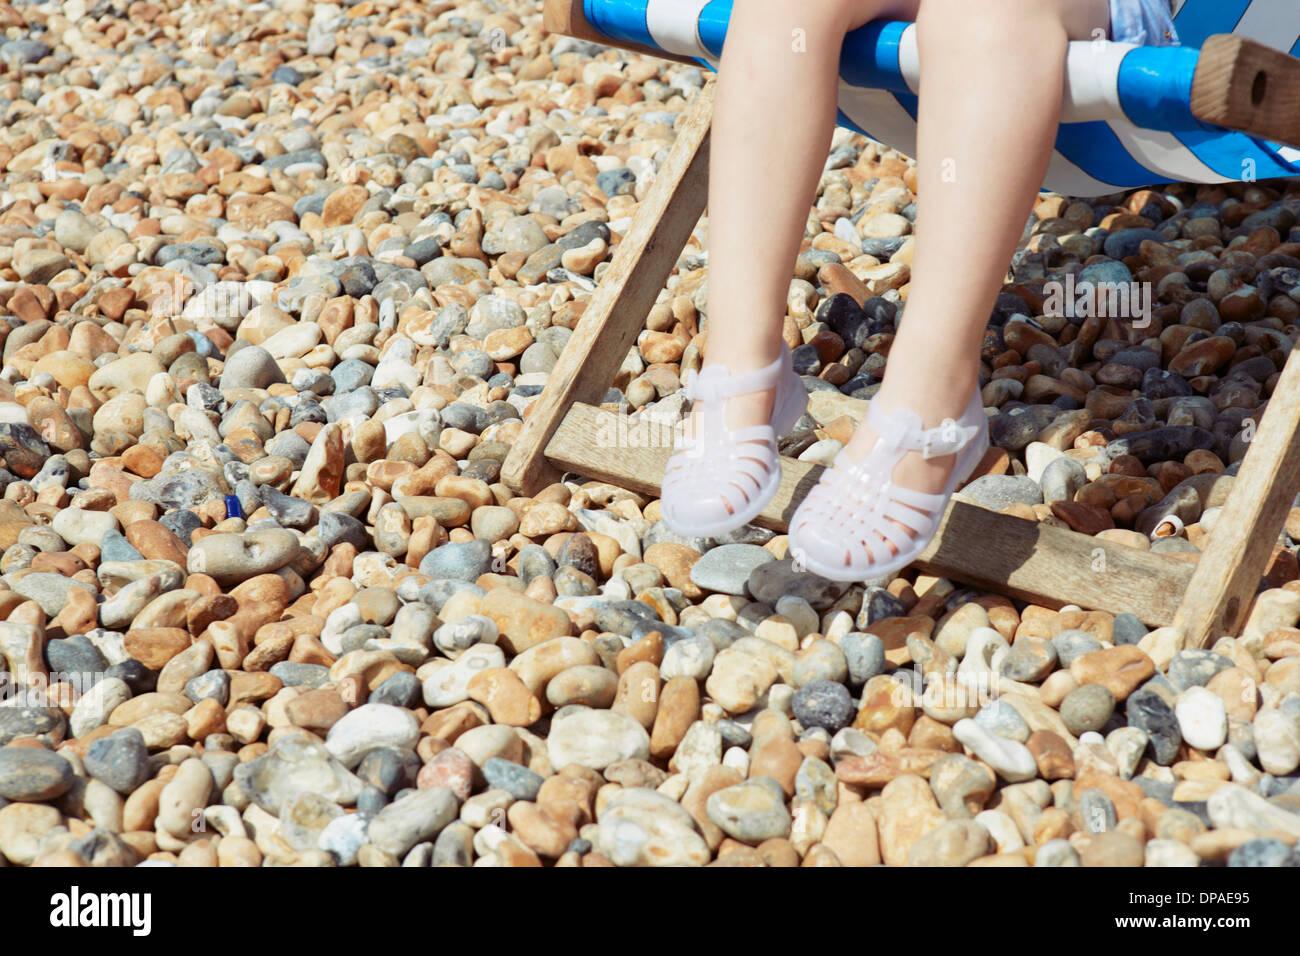 Enfant avec des sandales en plastique sur une chaise de plage Photo Stock